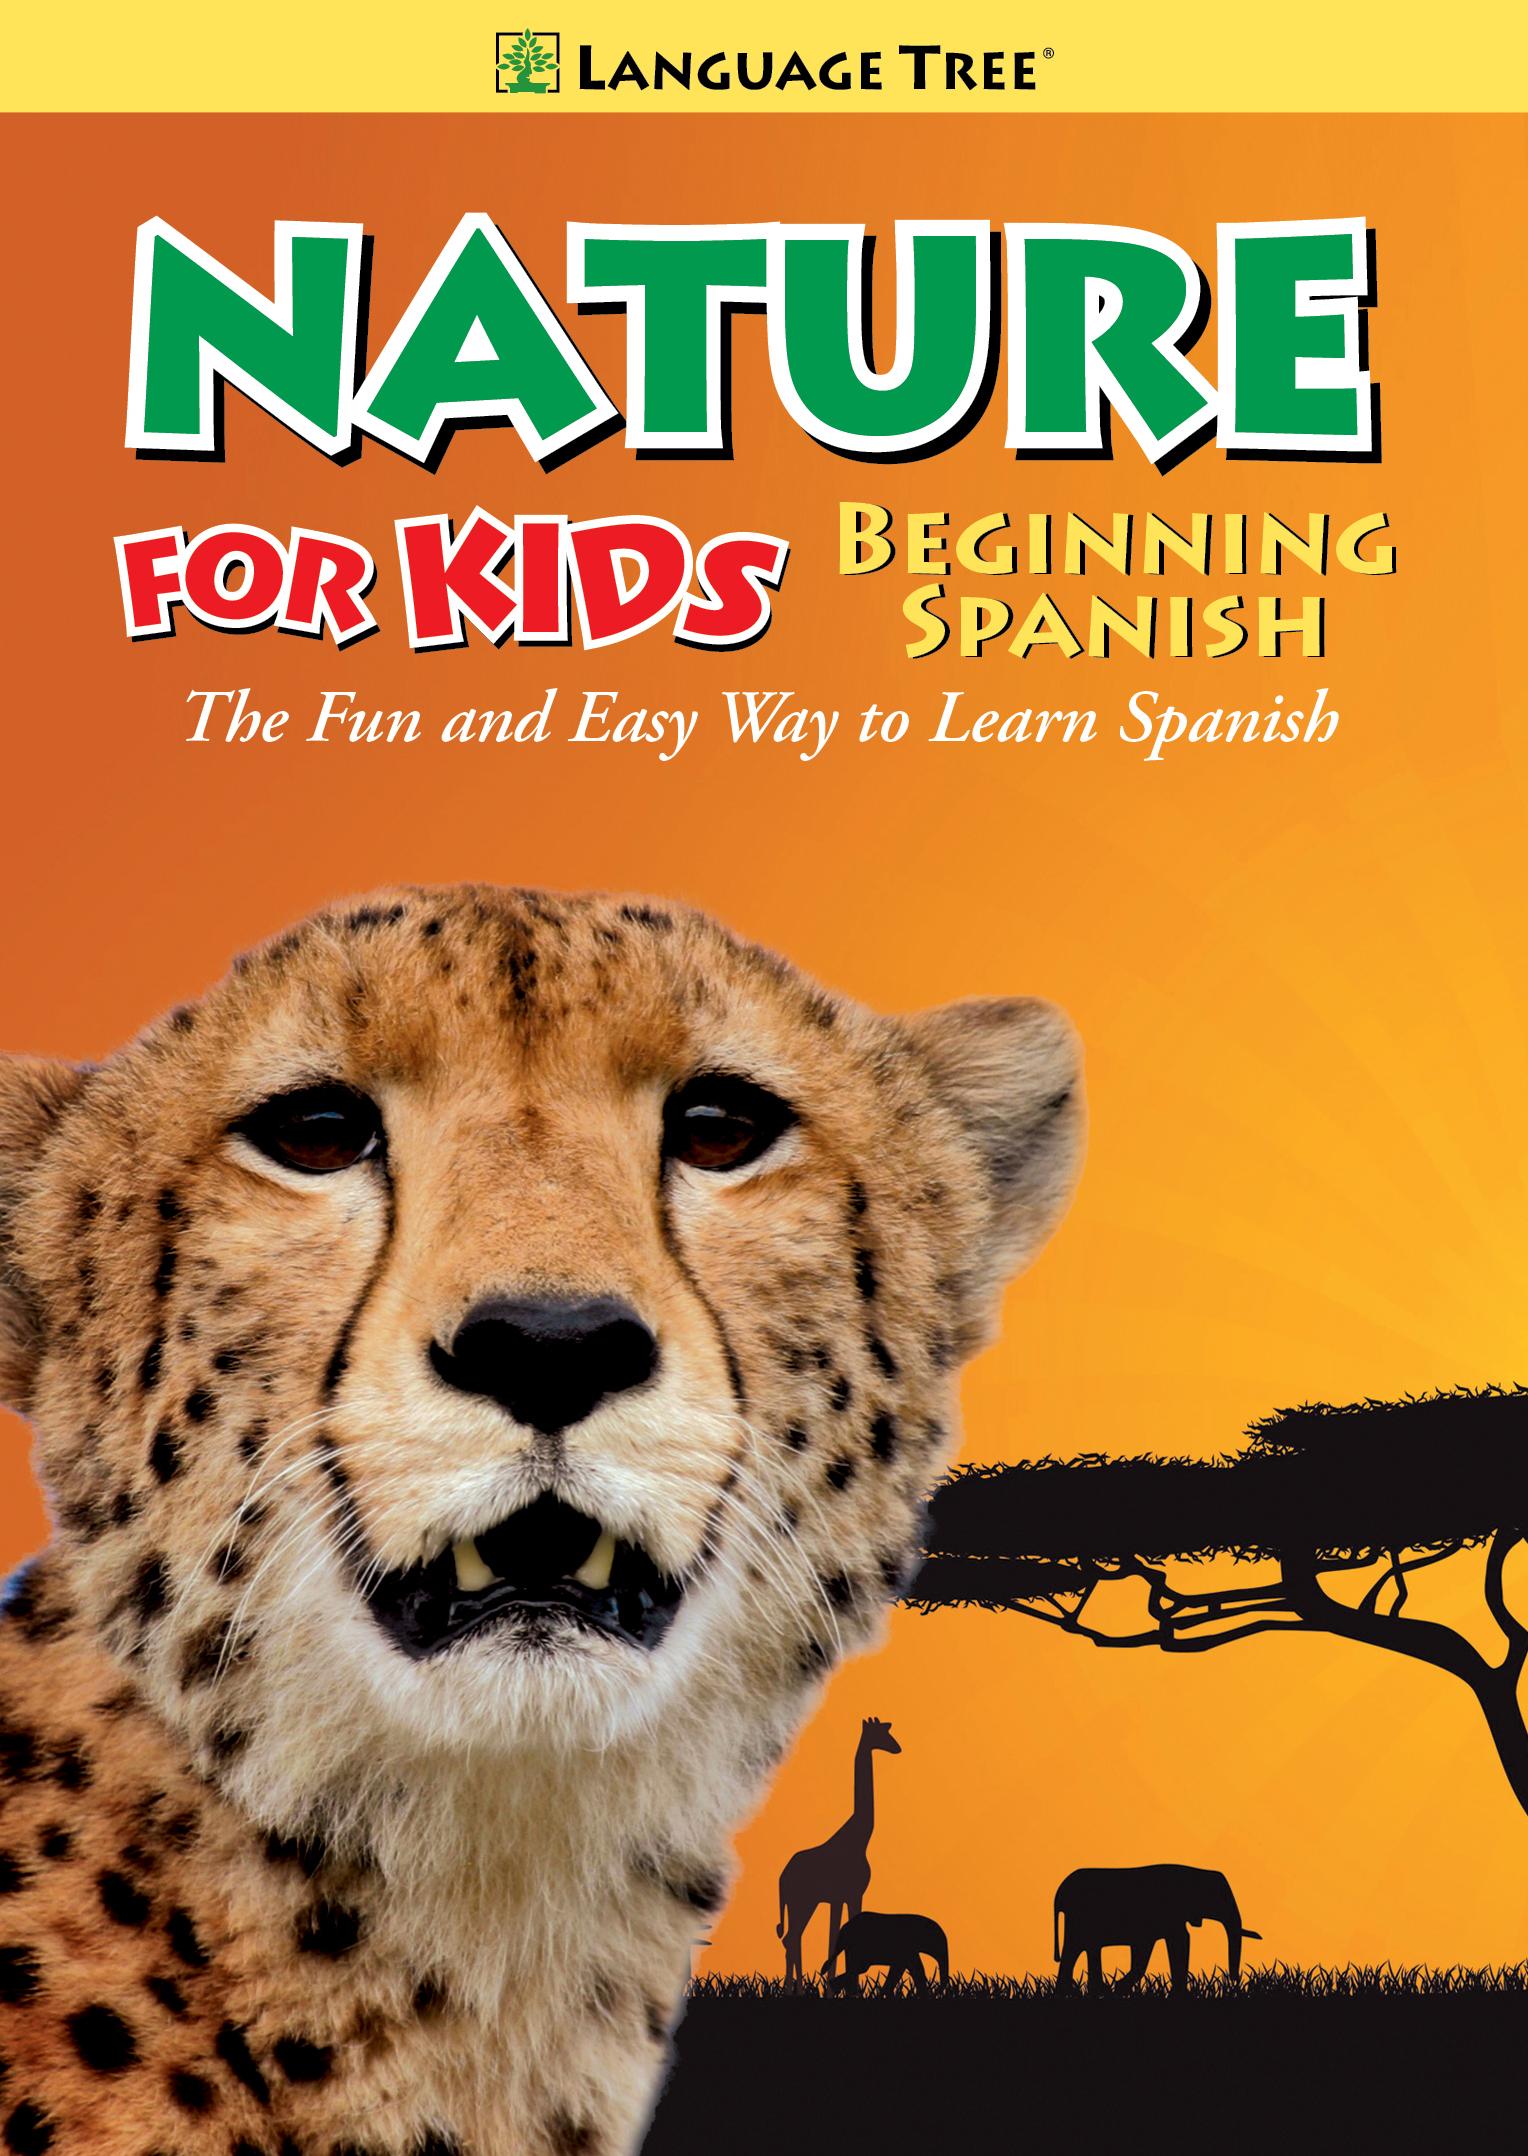 Nature for Kids: Beginning Spanish